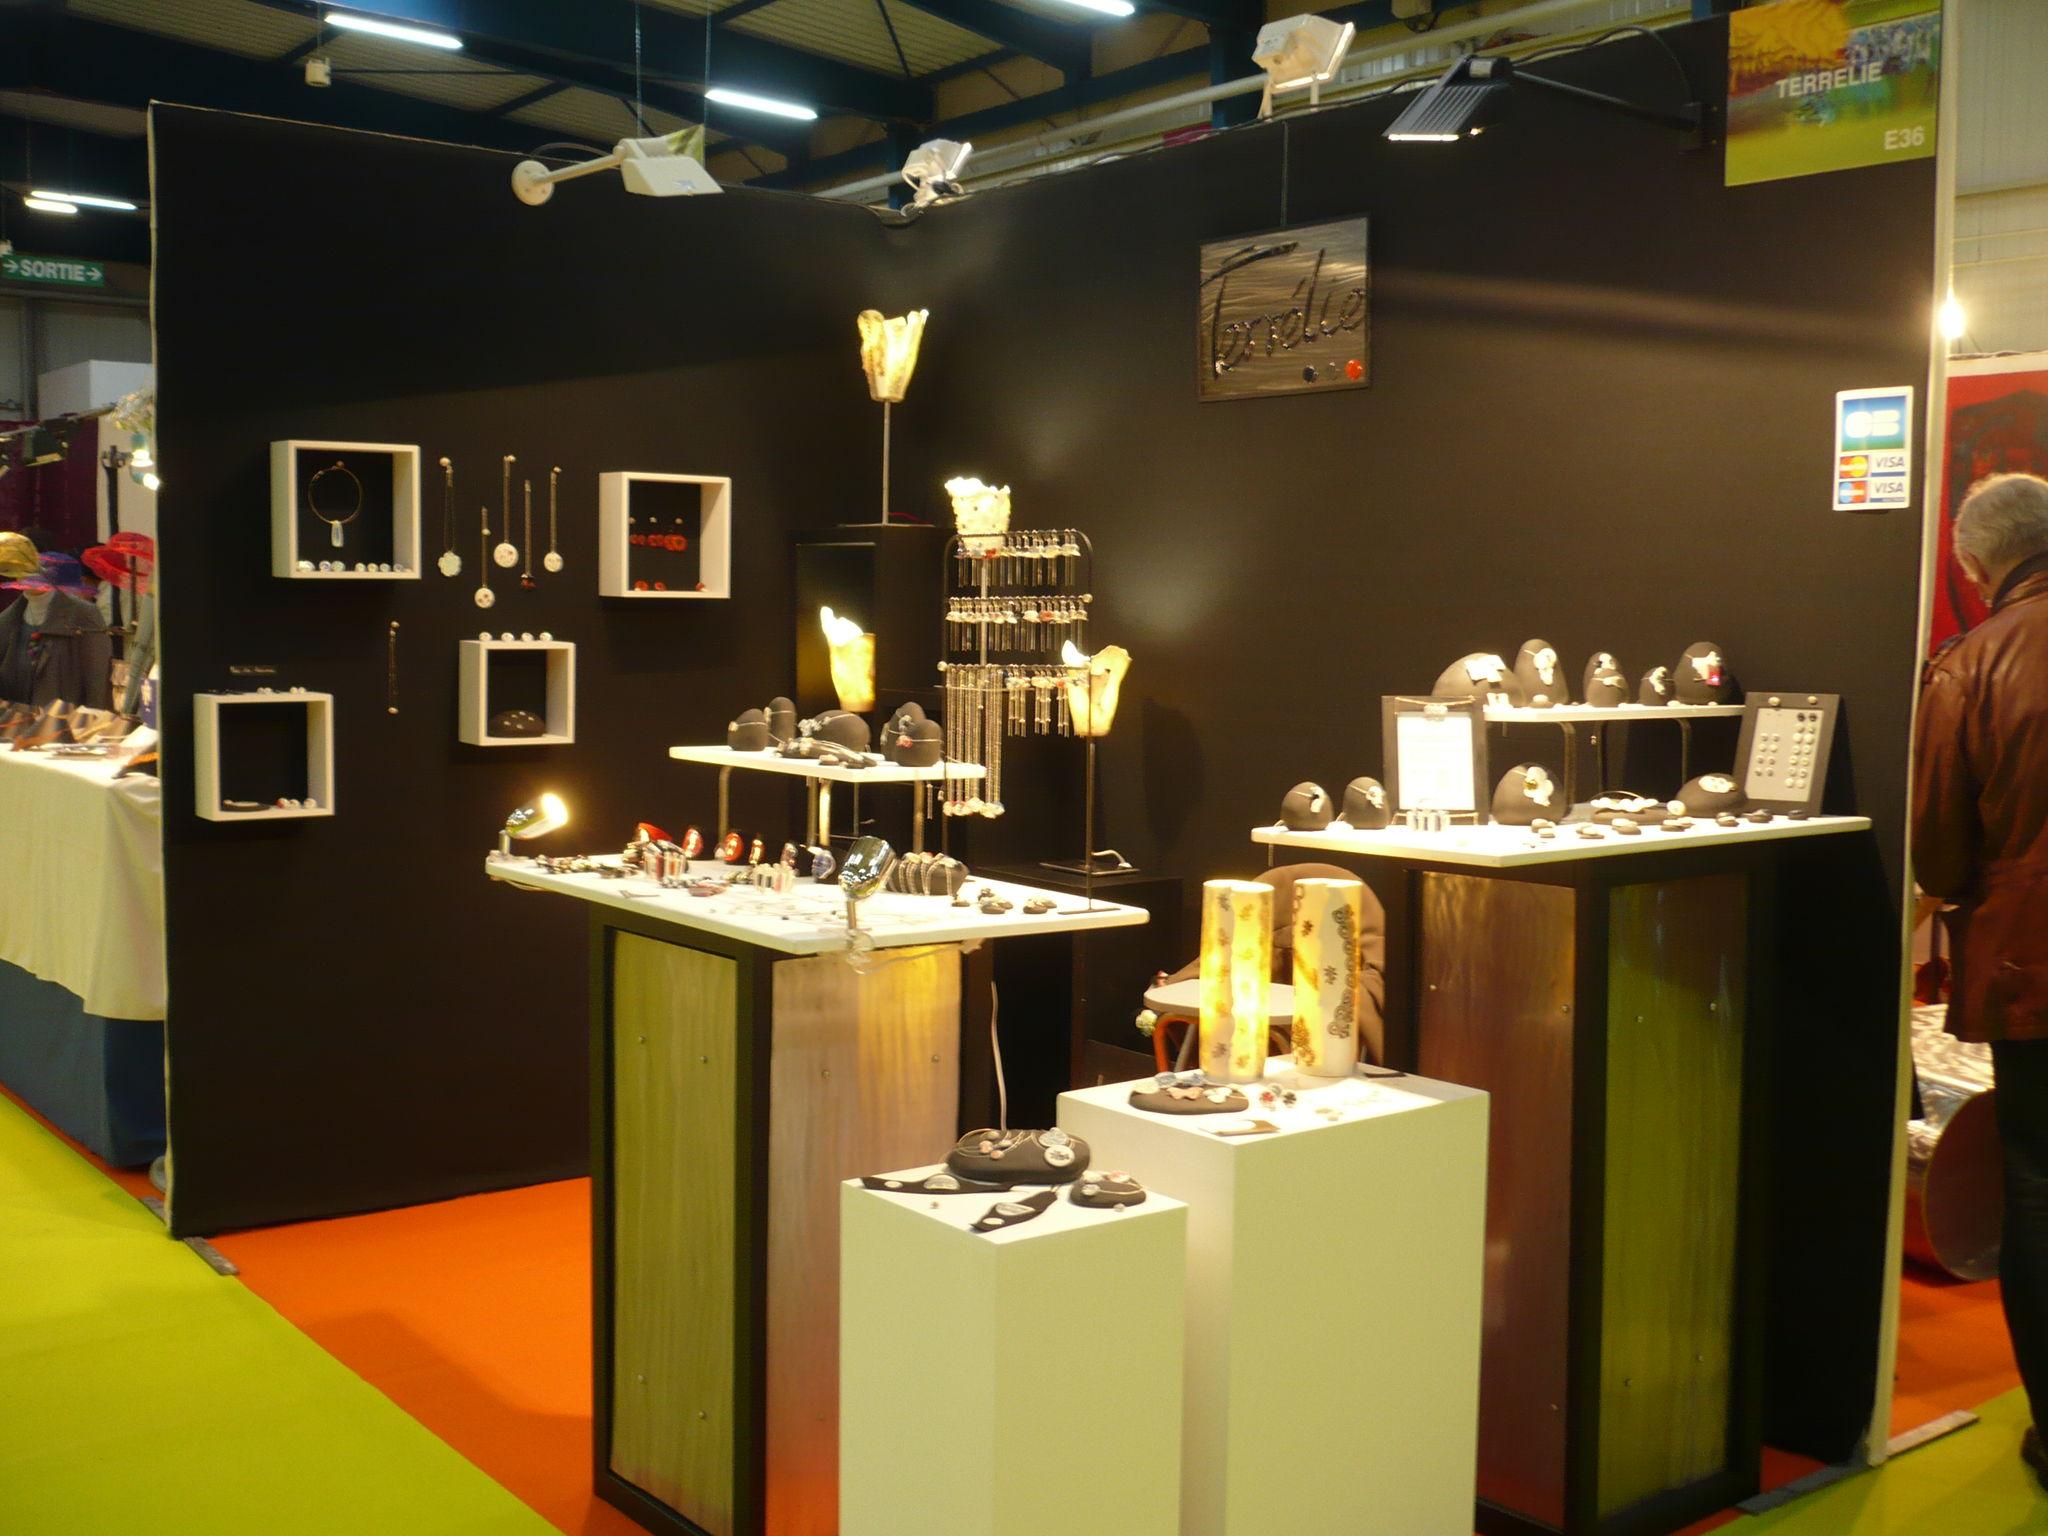 Salon Artisans d'Art de Toulouse - Terrélie